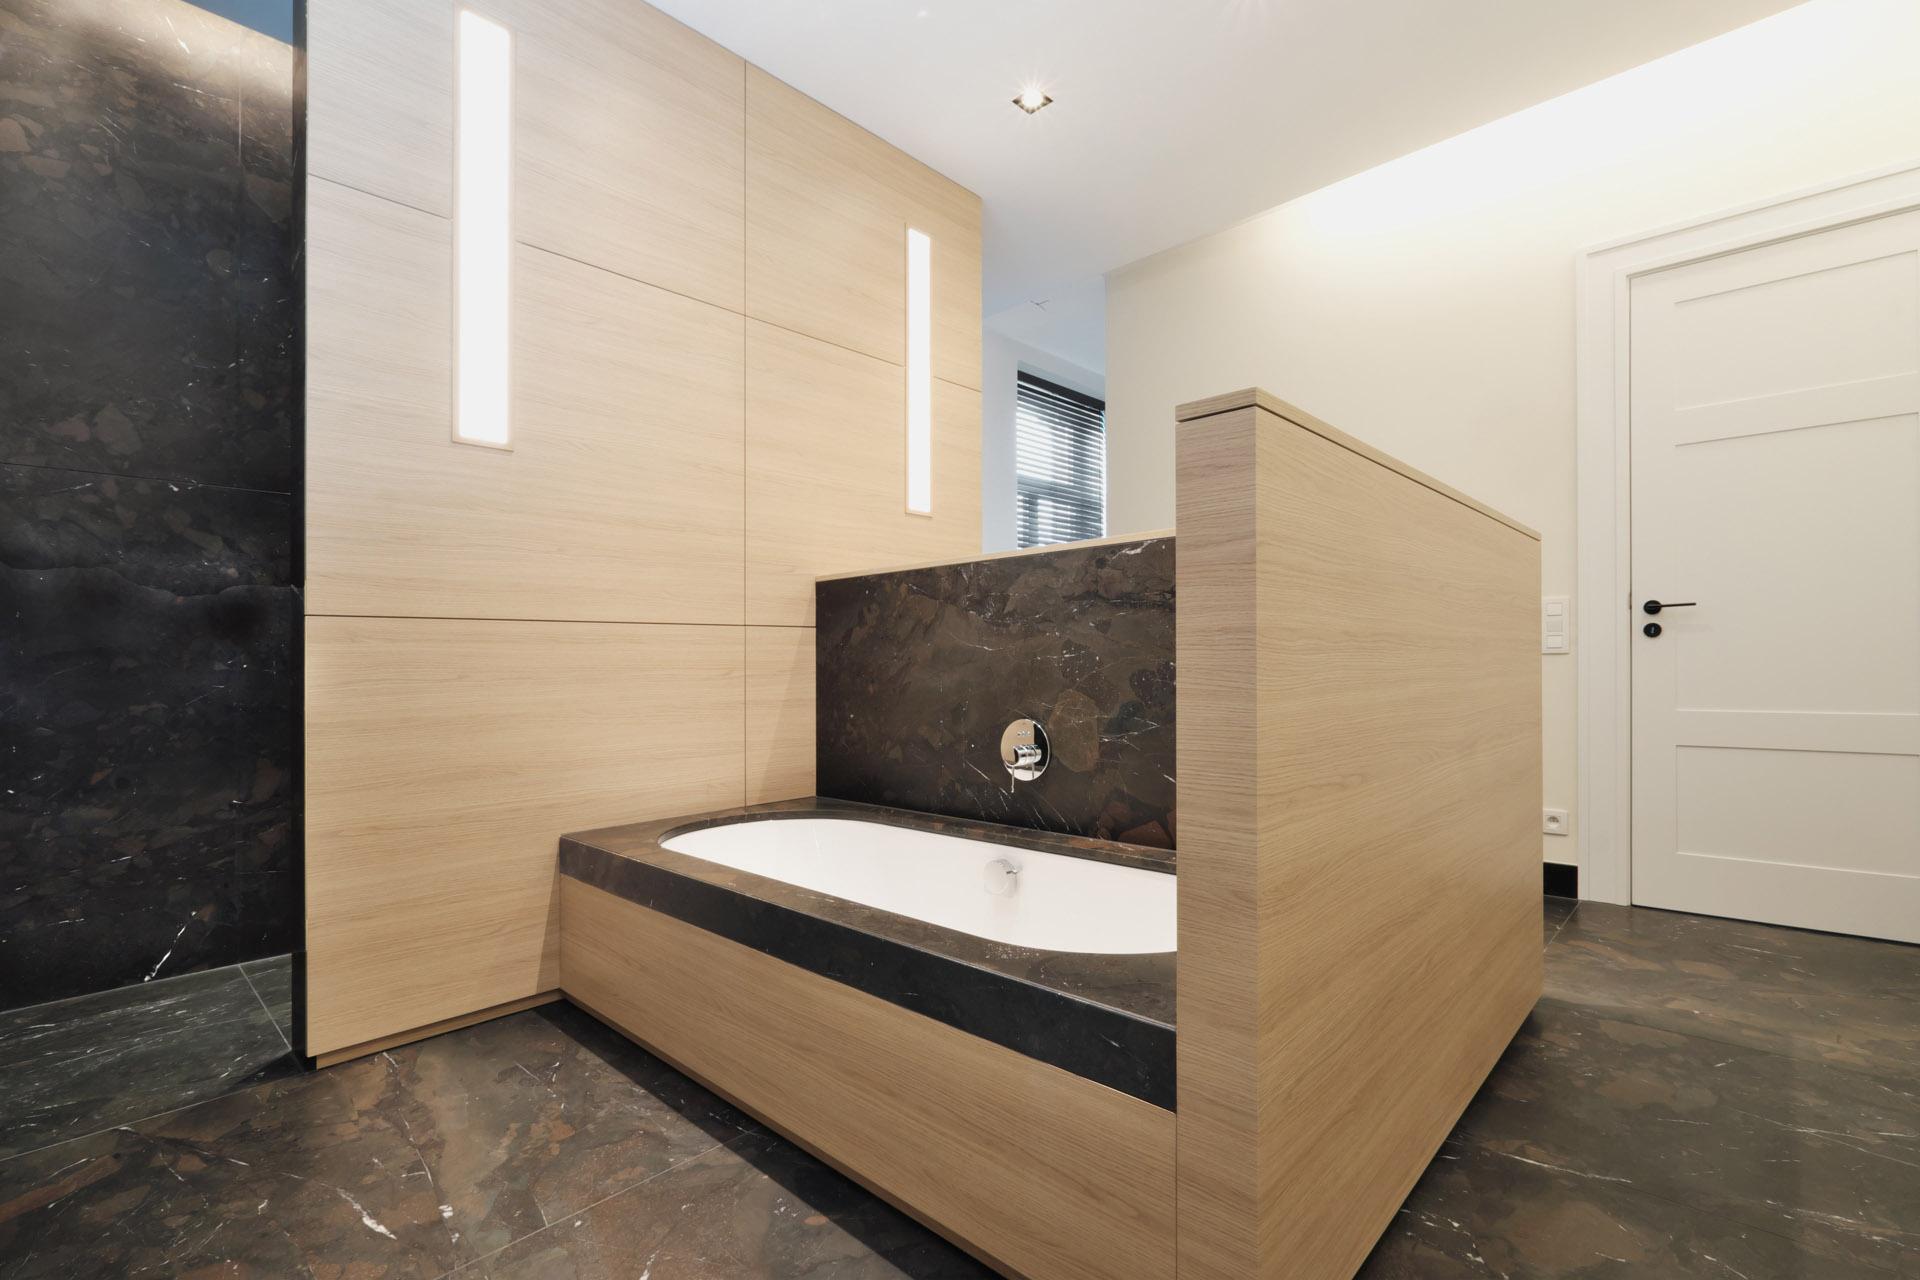 Modernes Baddesign mit Naturmaterialien Naturstein Breccia Imperiale und helles Holz - Badmöbel für höchste Ansprüche